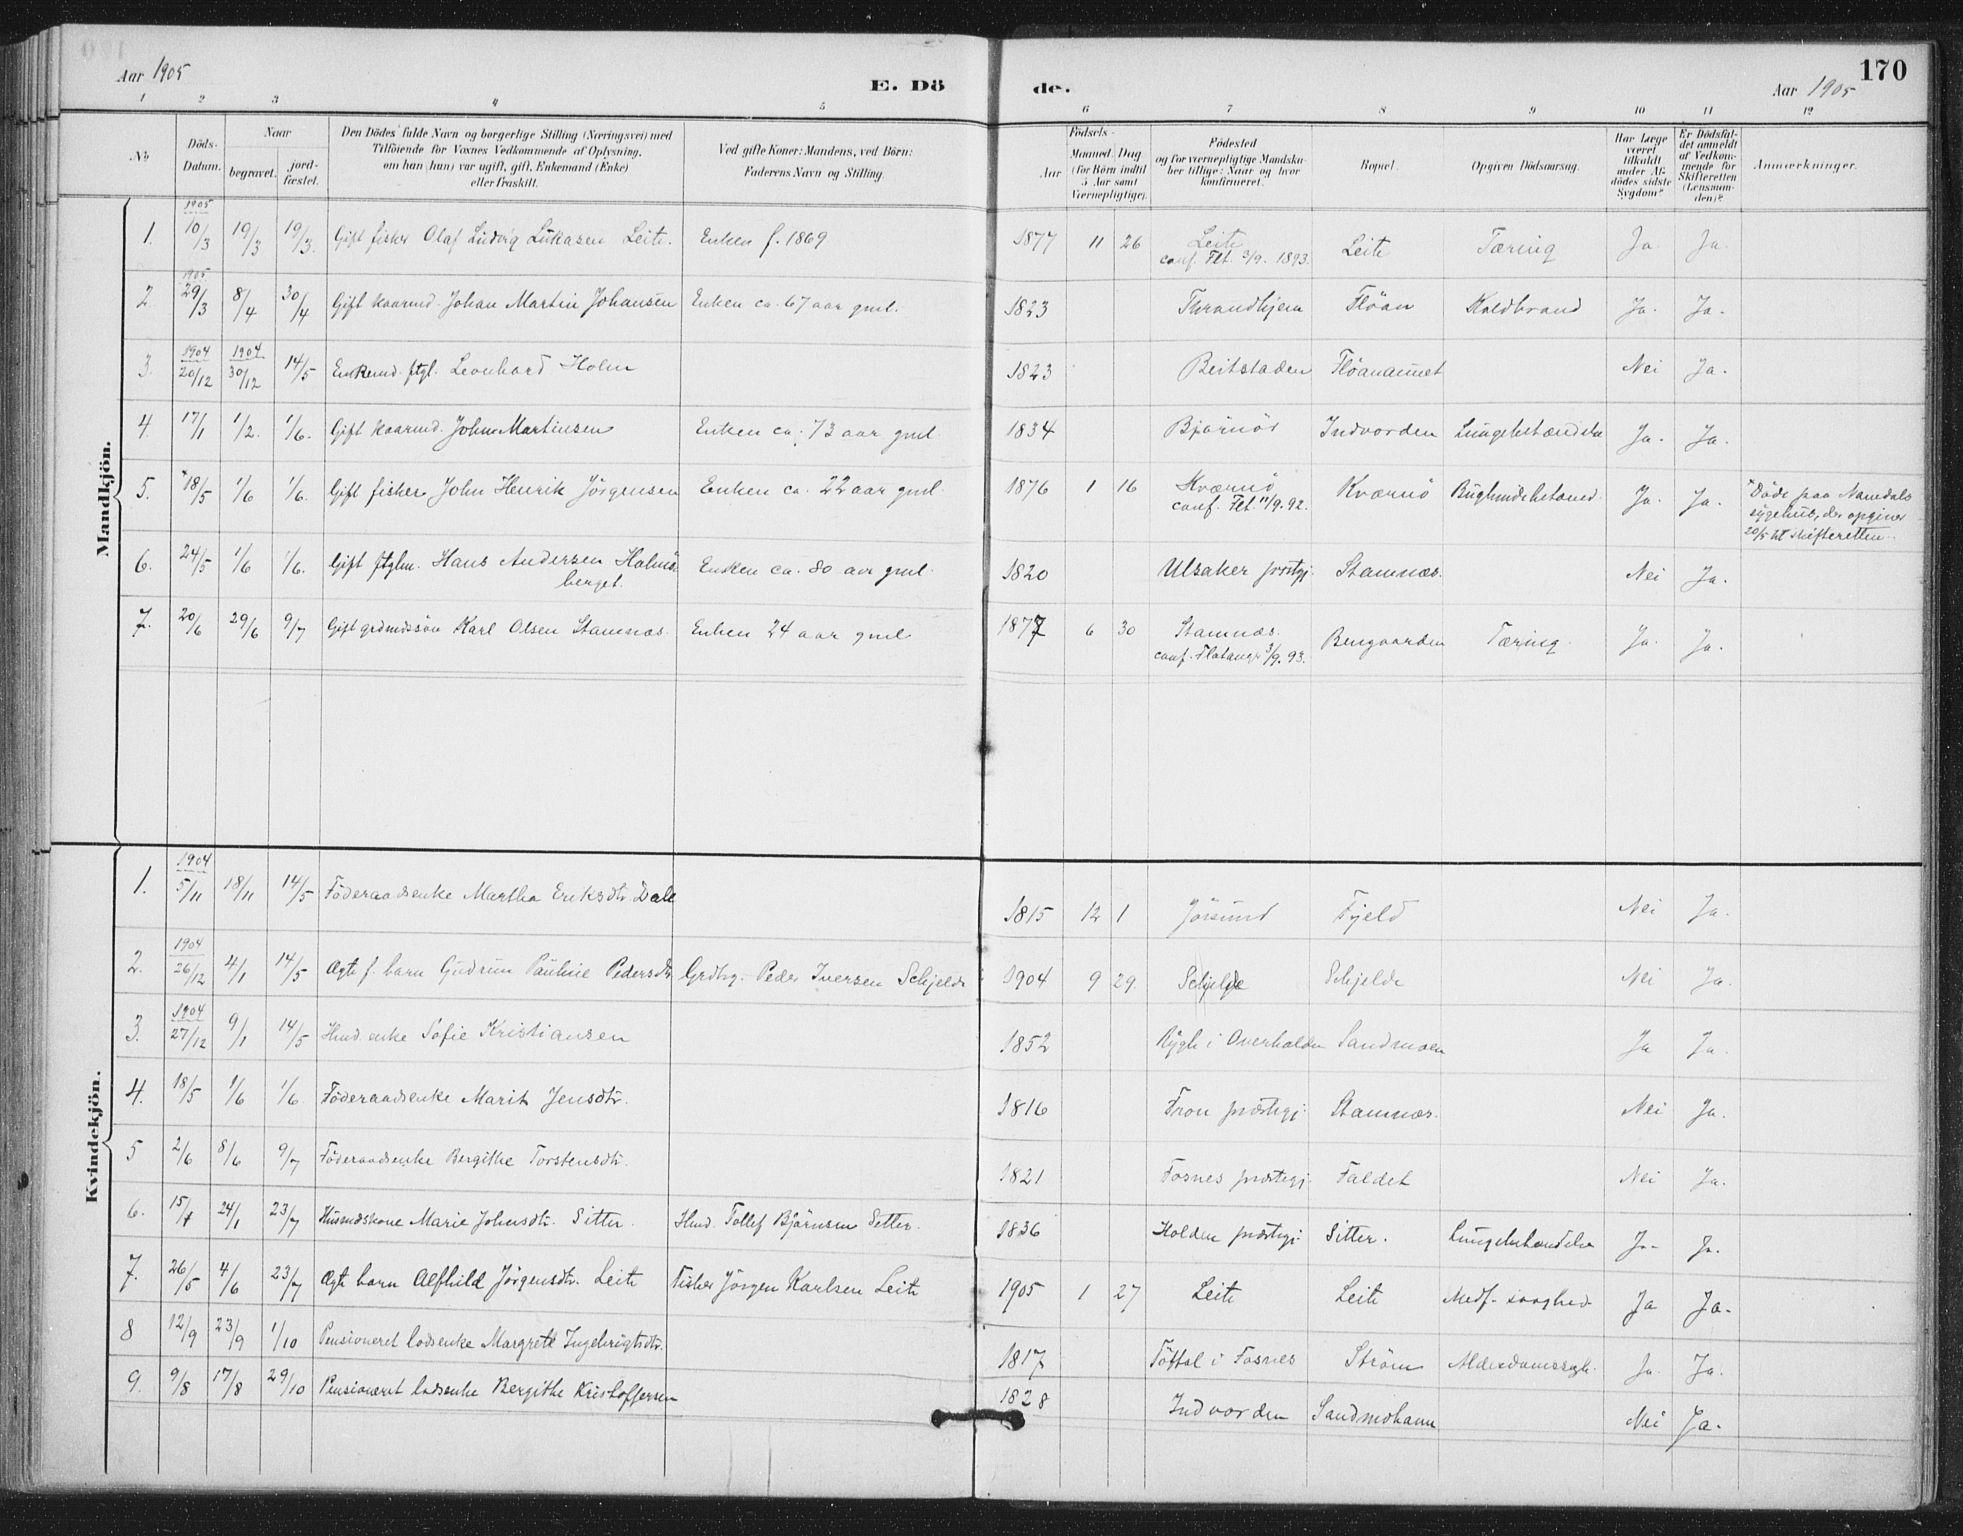 SAT, Ministerialprotokoller, klokkerbøker og fødselsregistre - Nord-Trøndelag, 772/L0603: Ministerialbok nr. 772A01, 1885-1912, s. 170